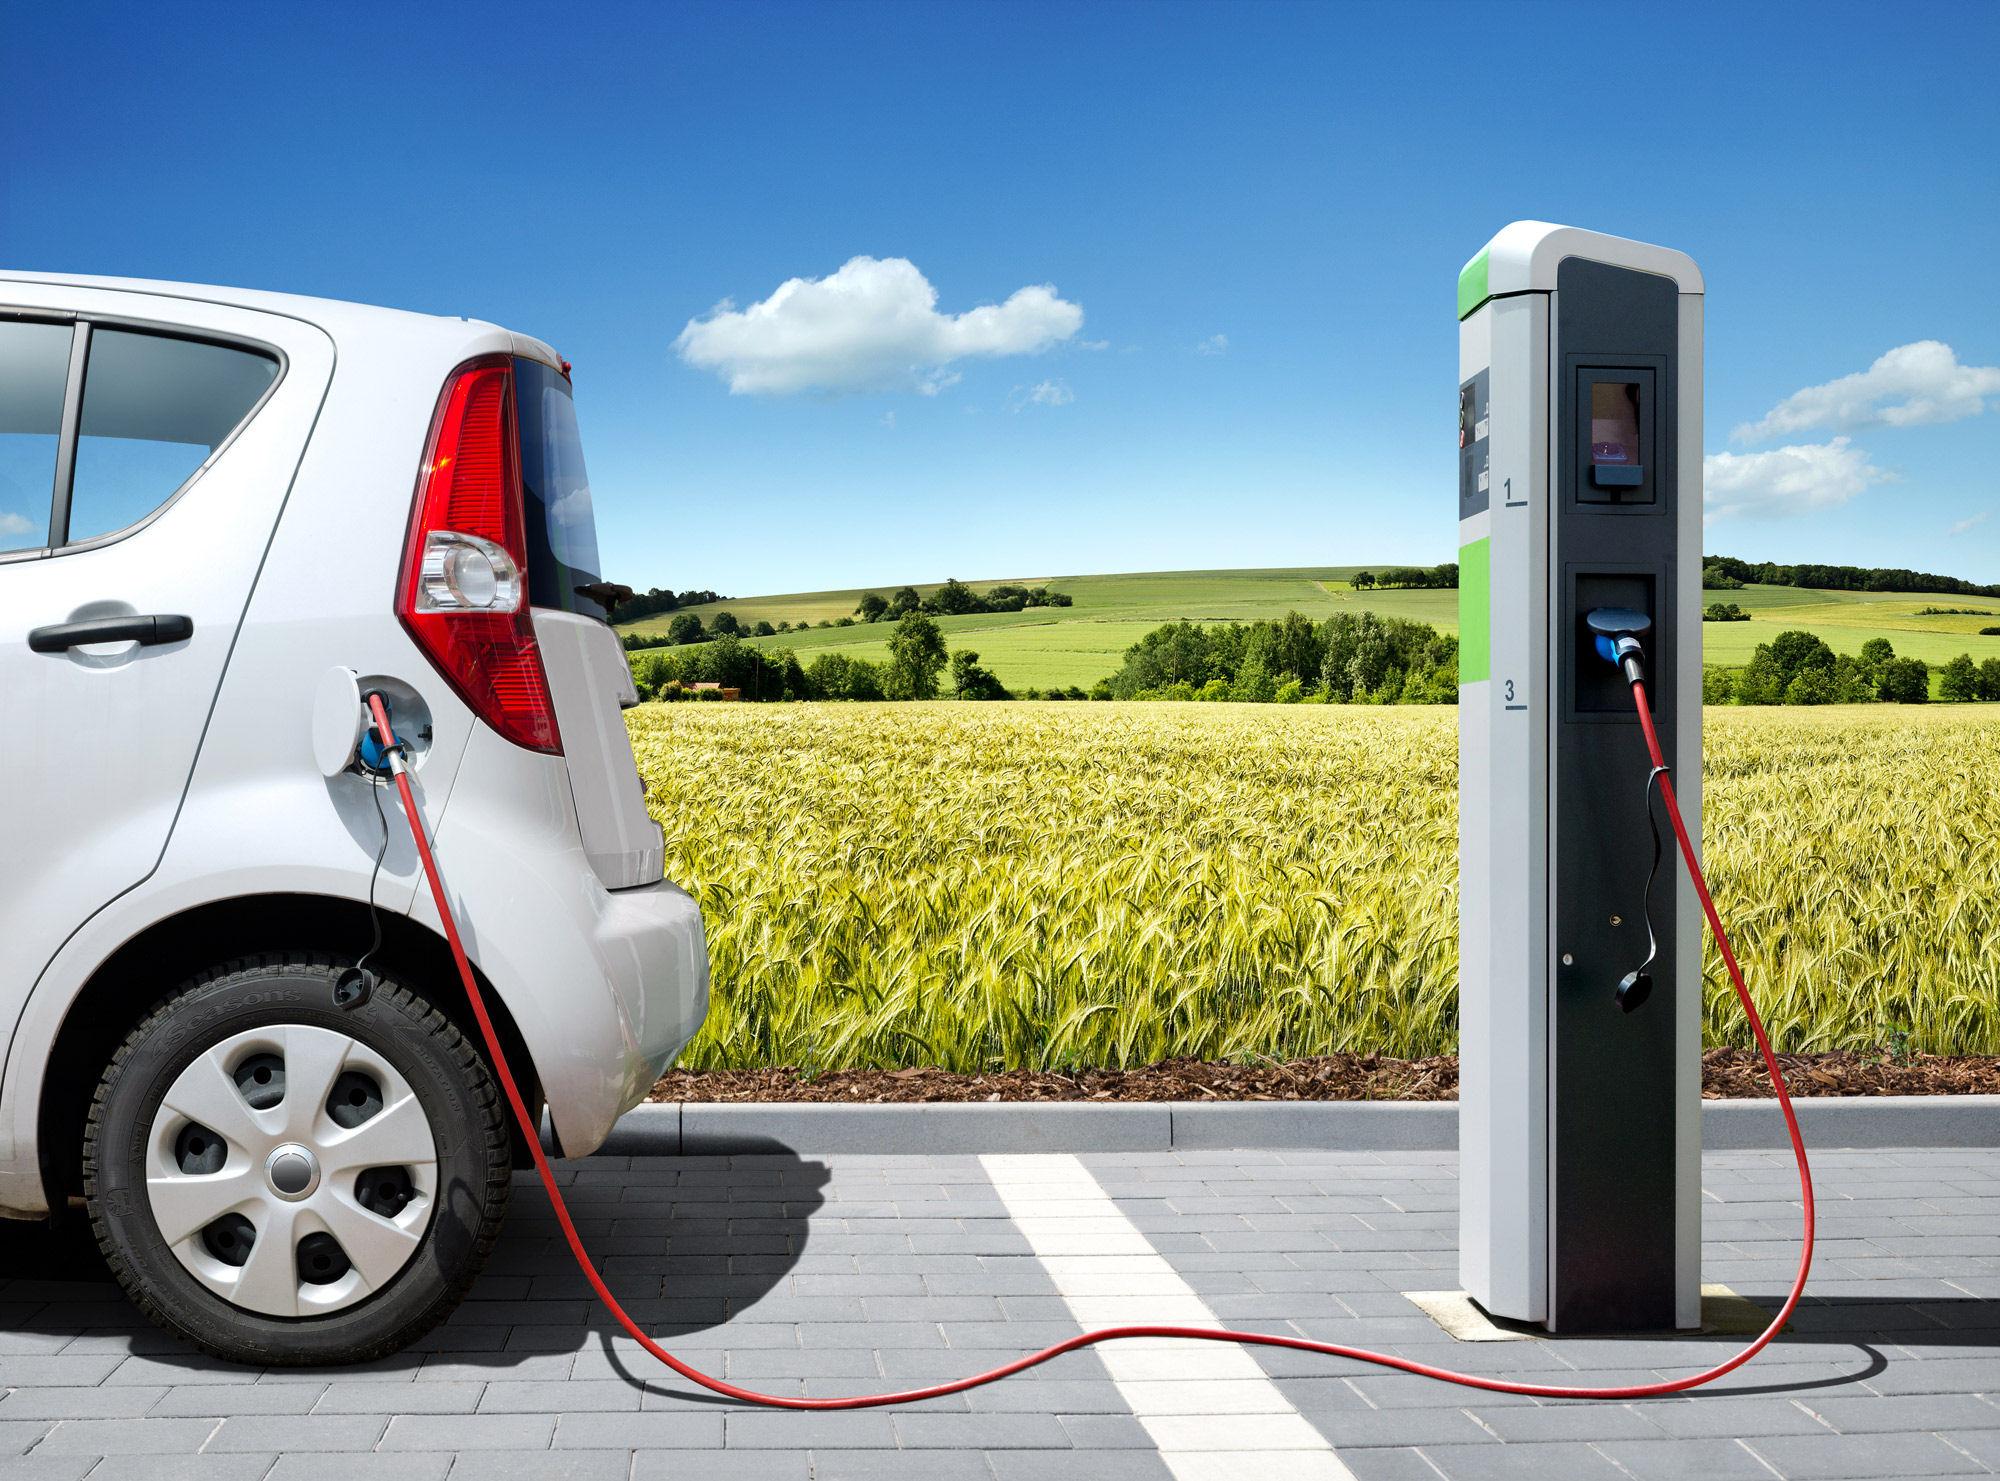 auto emissioni zero impatto elettrica